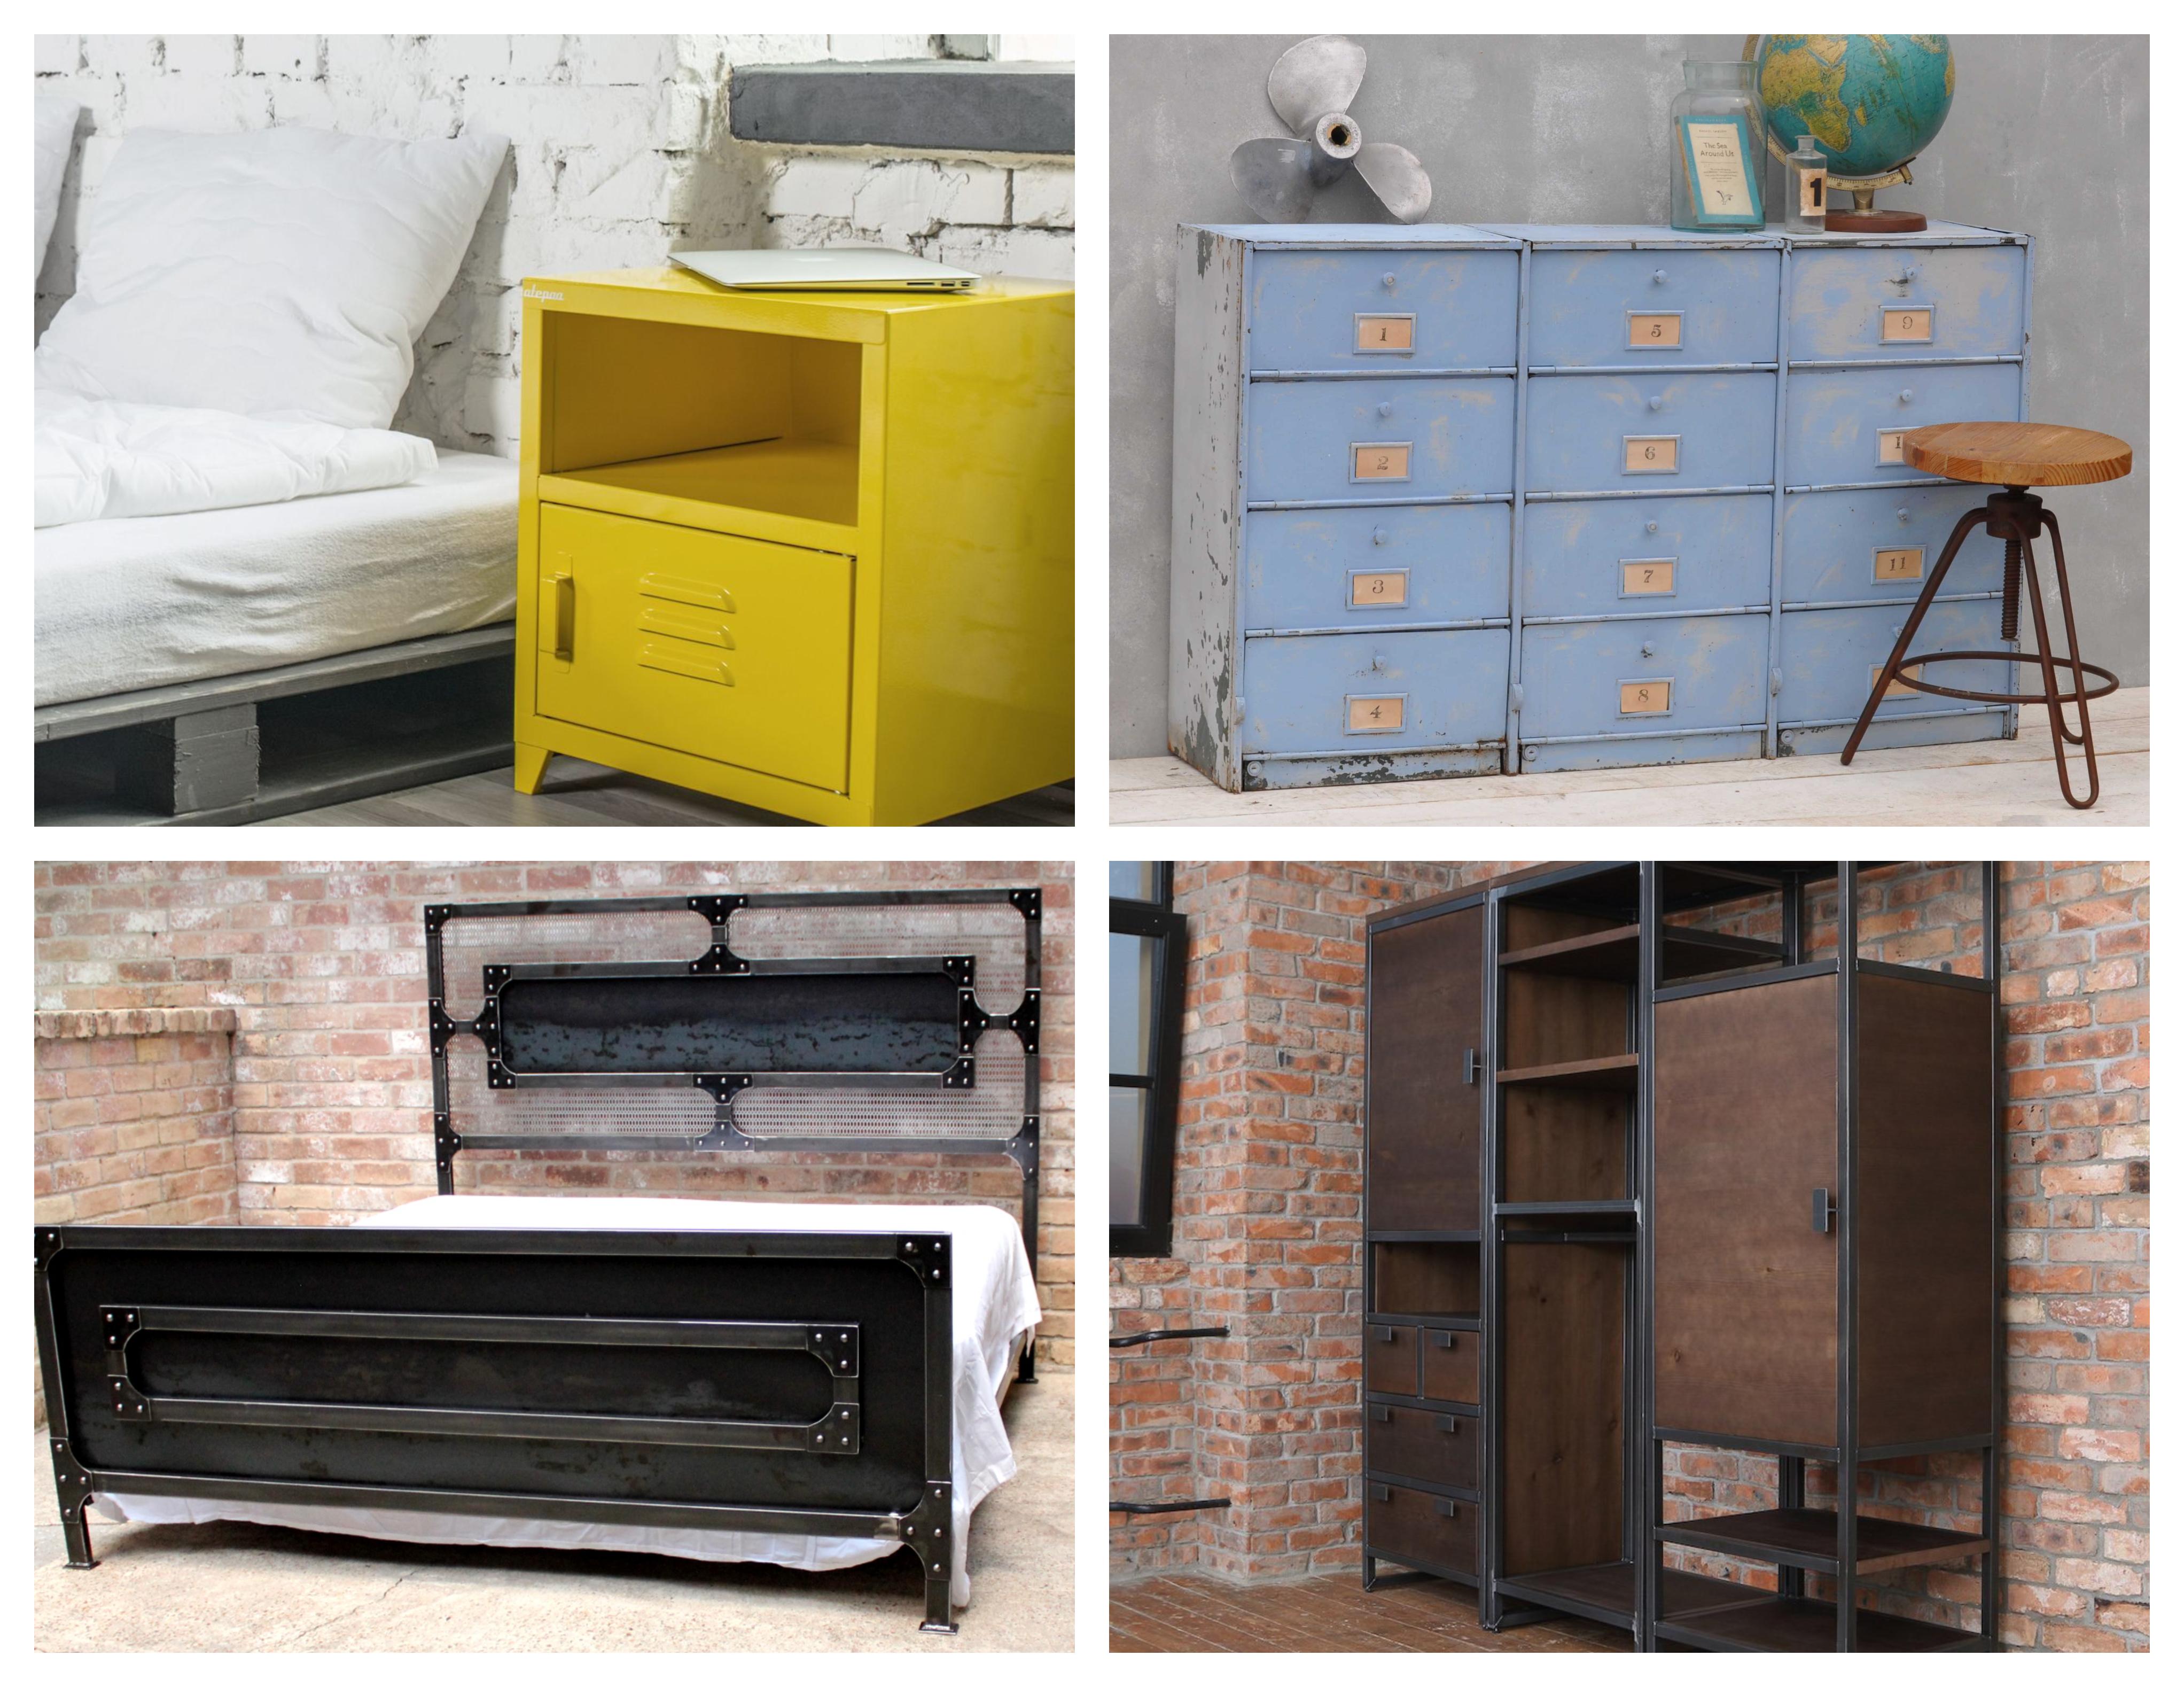 quel meuble industriel adopter dans la chambre à coucher, armoire, commode, table de nuit, lit style industriel, mur de briques et mur en béton